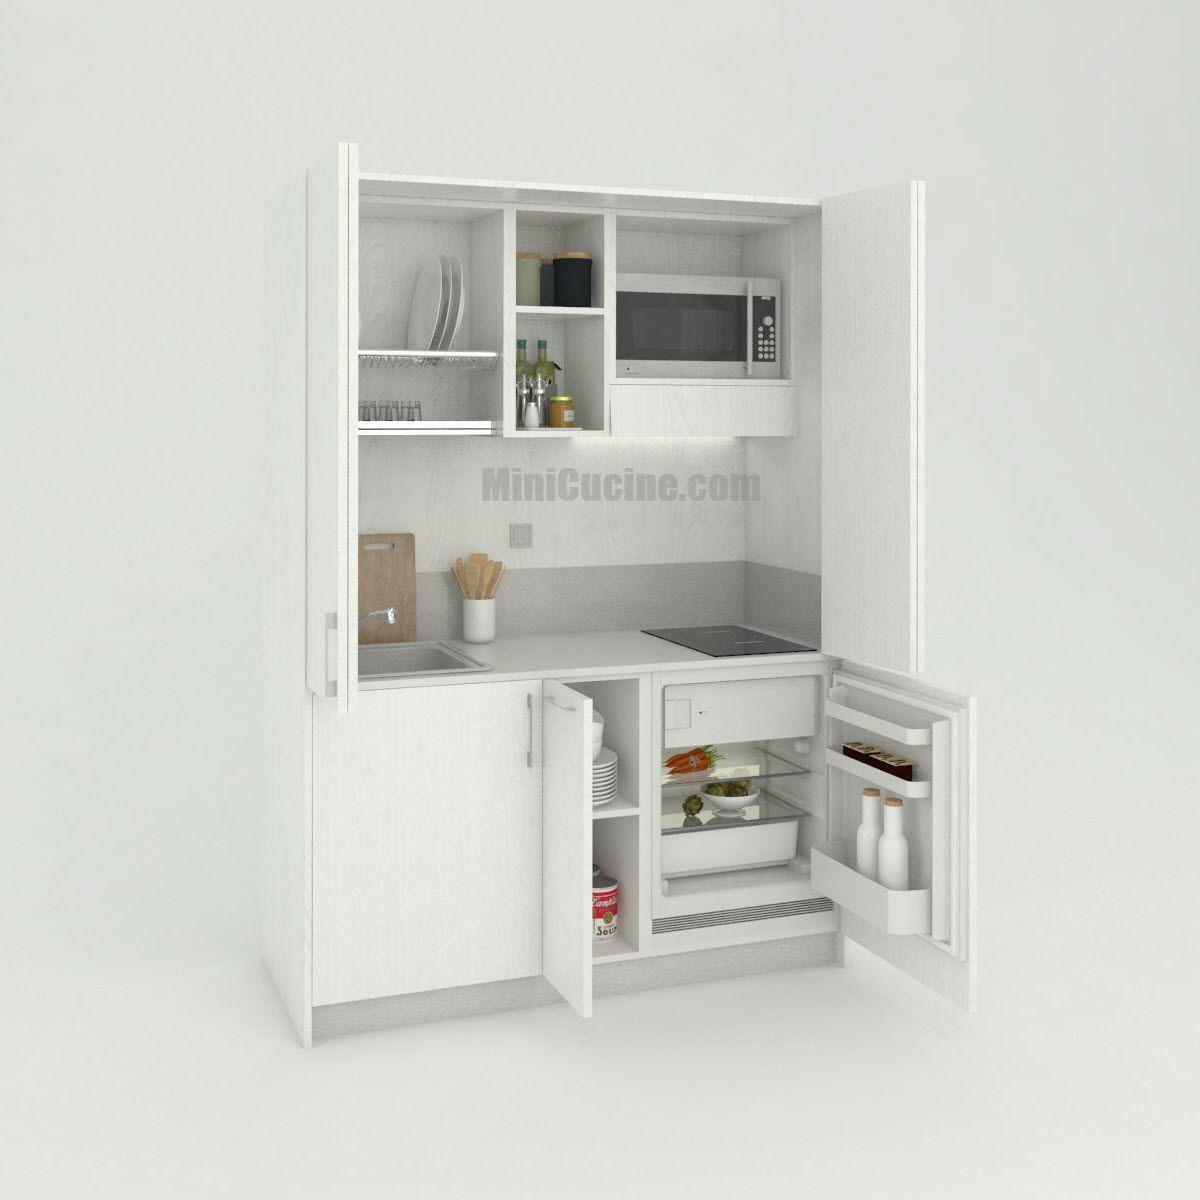 Mini Cucine A Scomparsa mini cucina a scomparsa - minicompact : 154 - minicucine